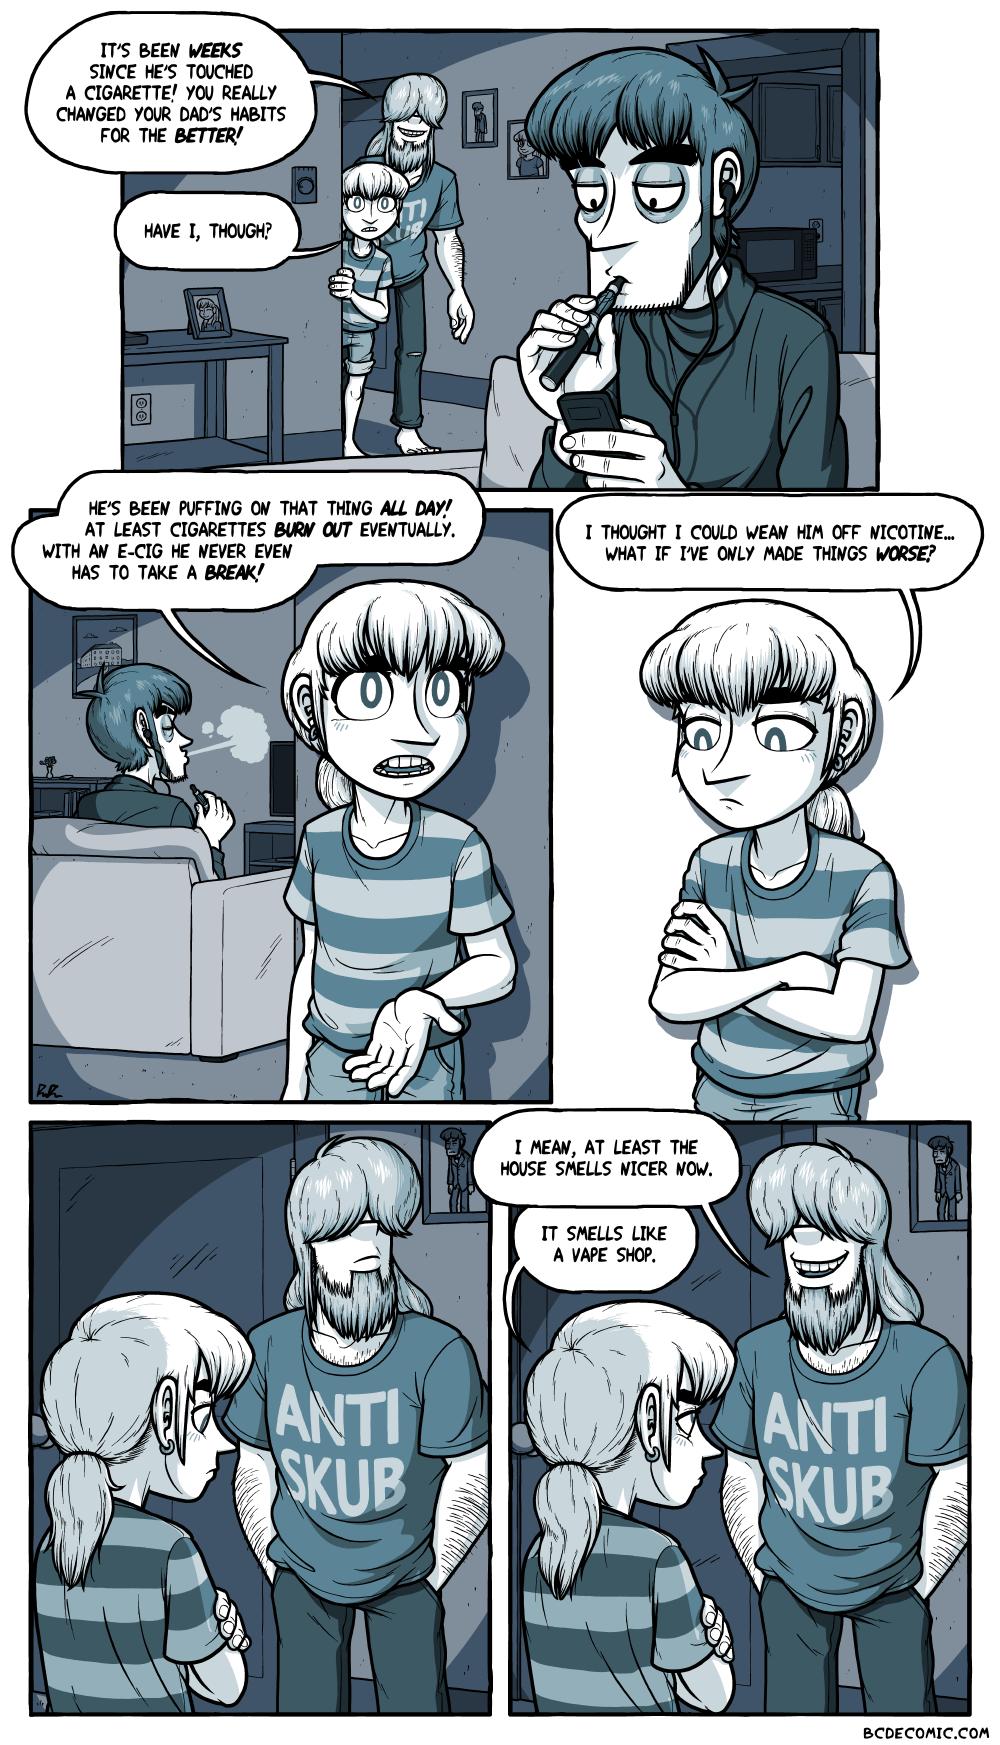 On Vaping, Pt. 3